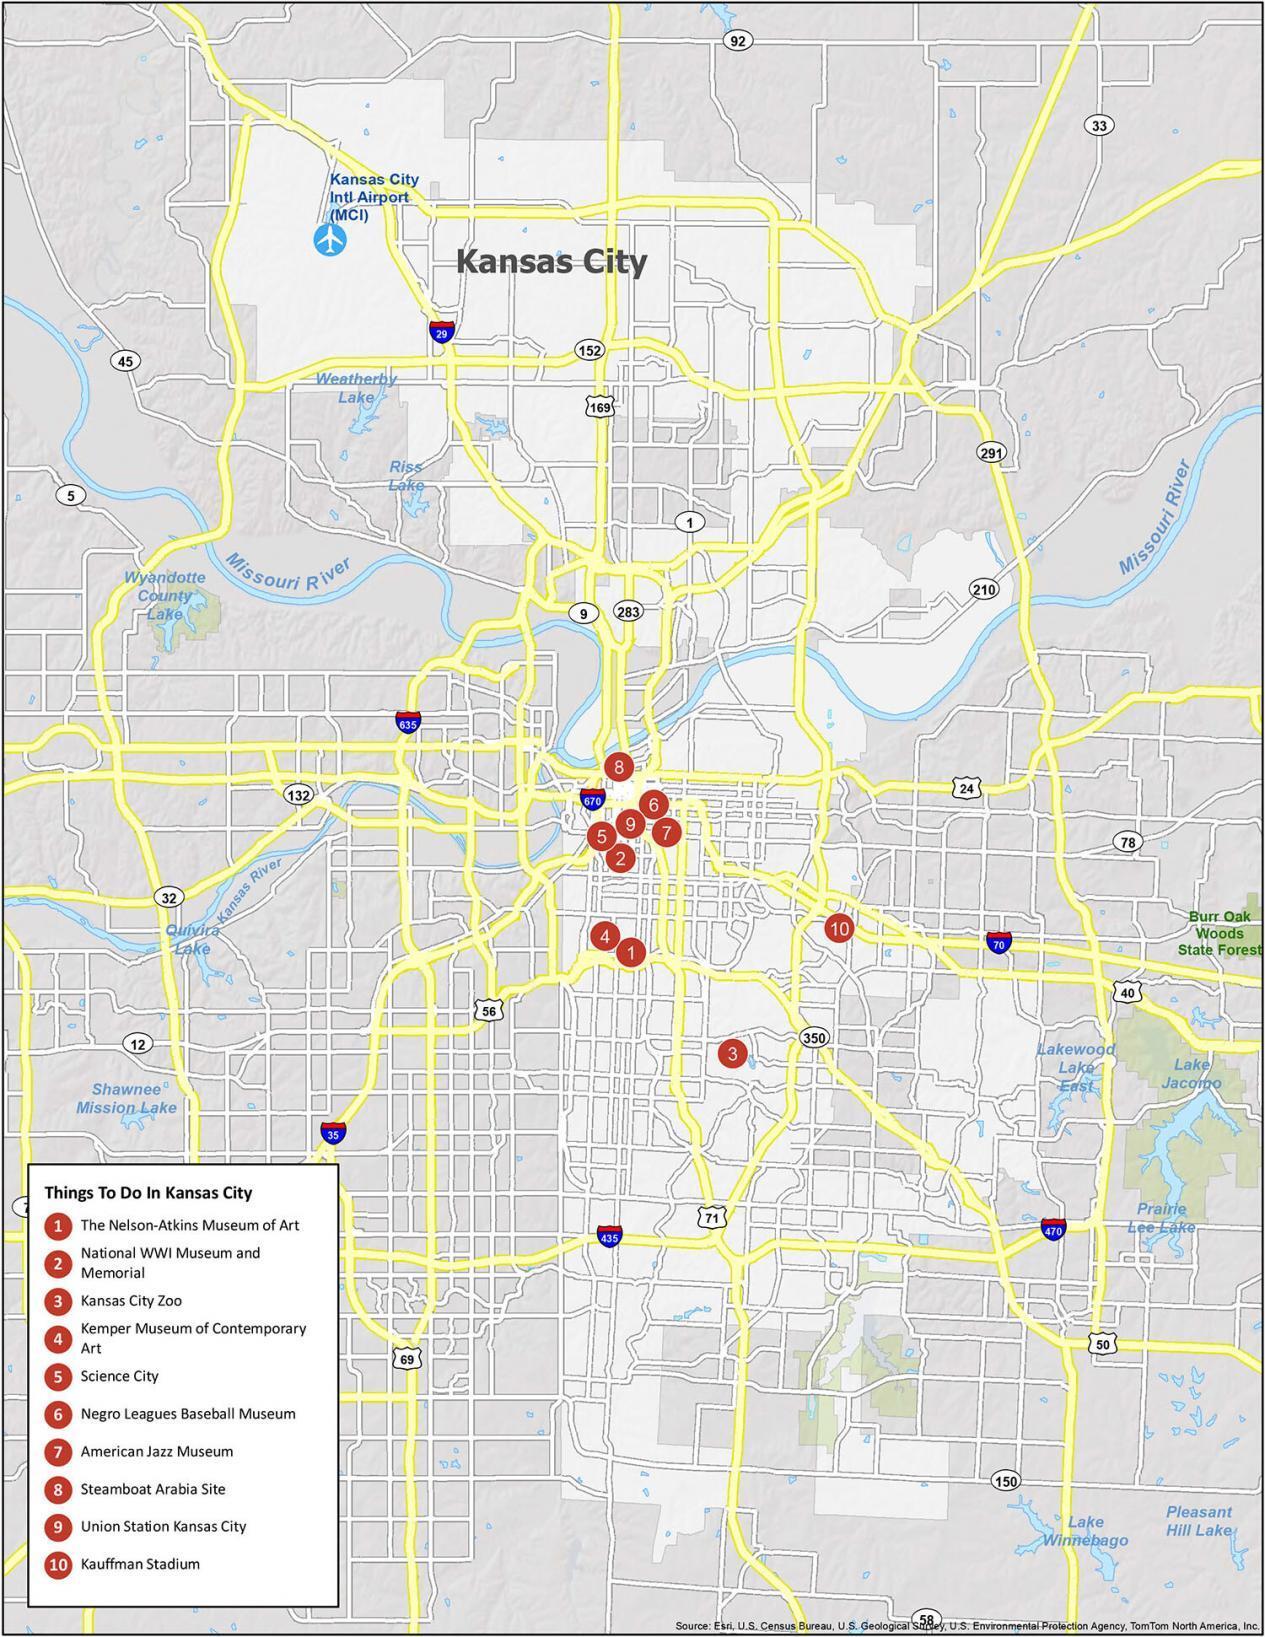 Kansas City Things To Do